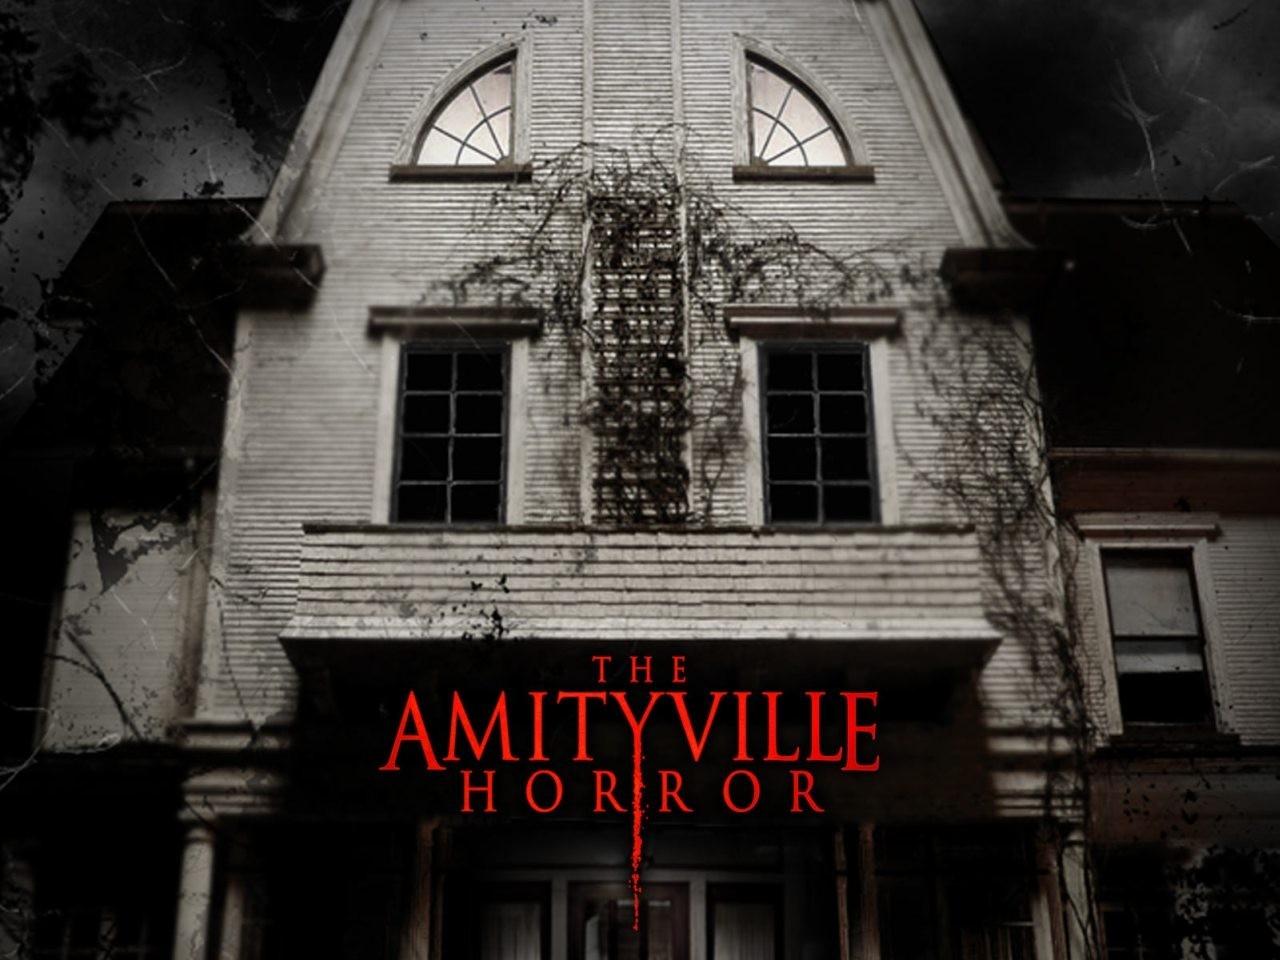 Wallpaper del film Amityville Horror con la casa che fa da scenario al film